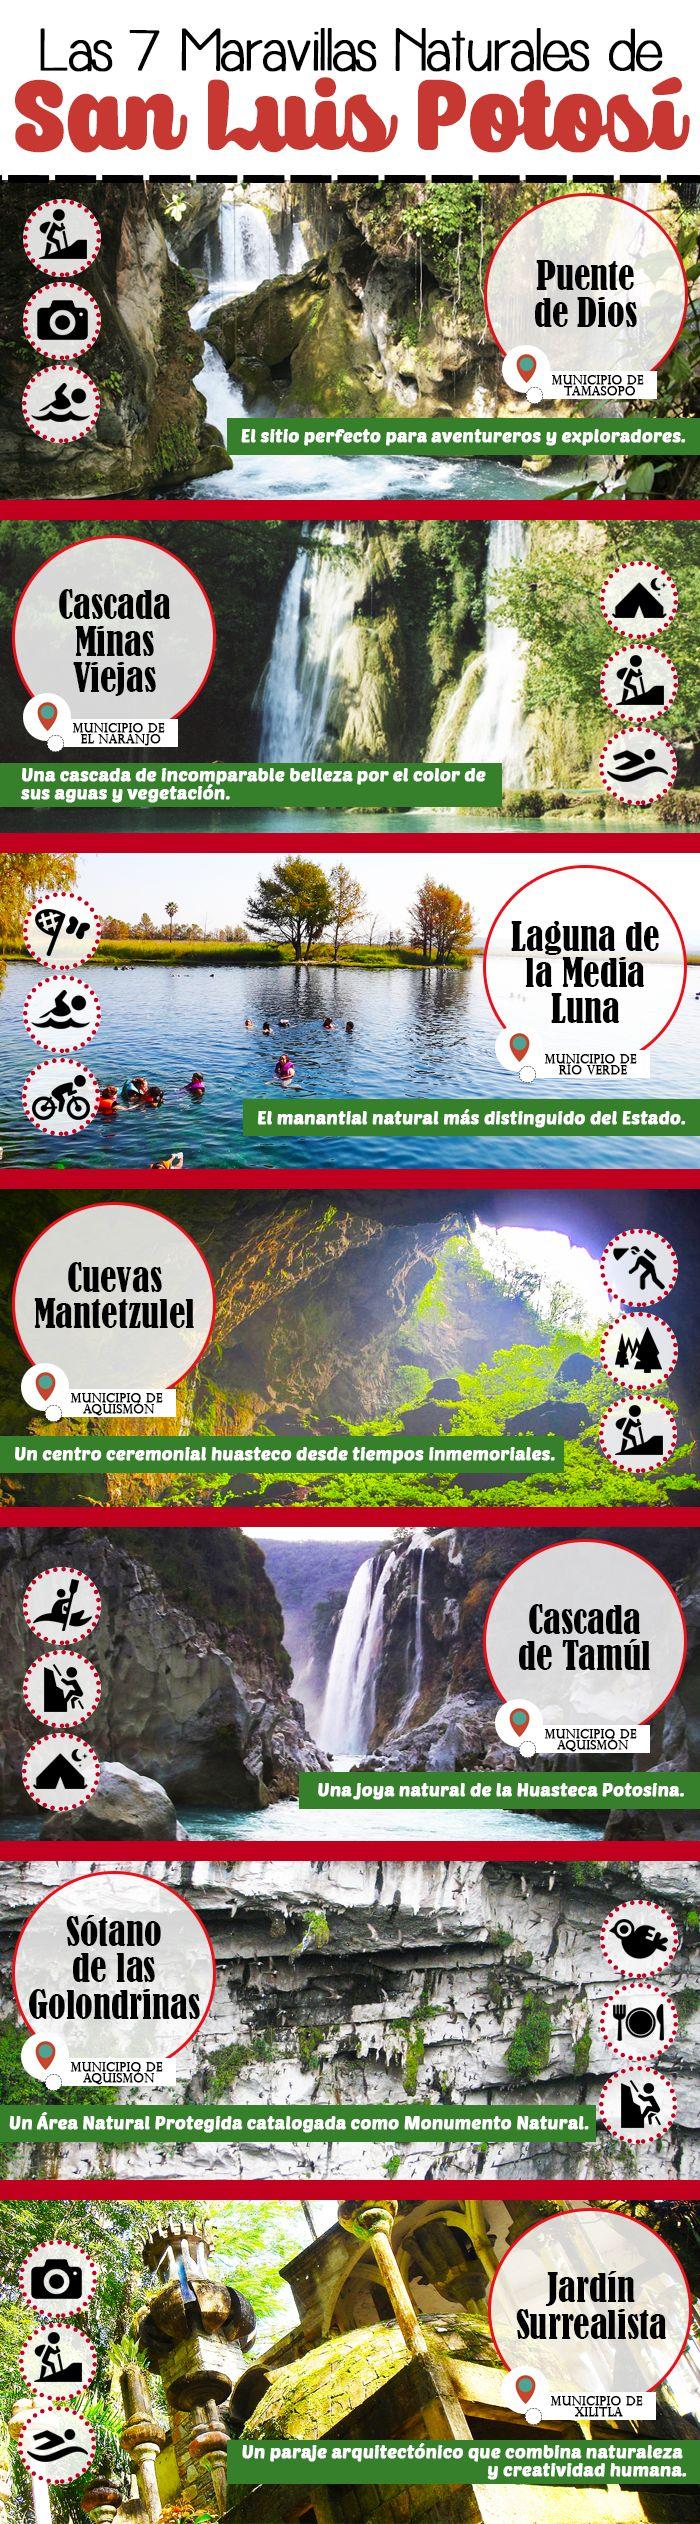 Maravillas Naturales en San Luis Potosí